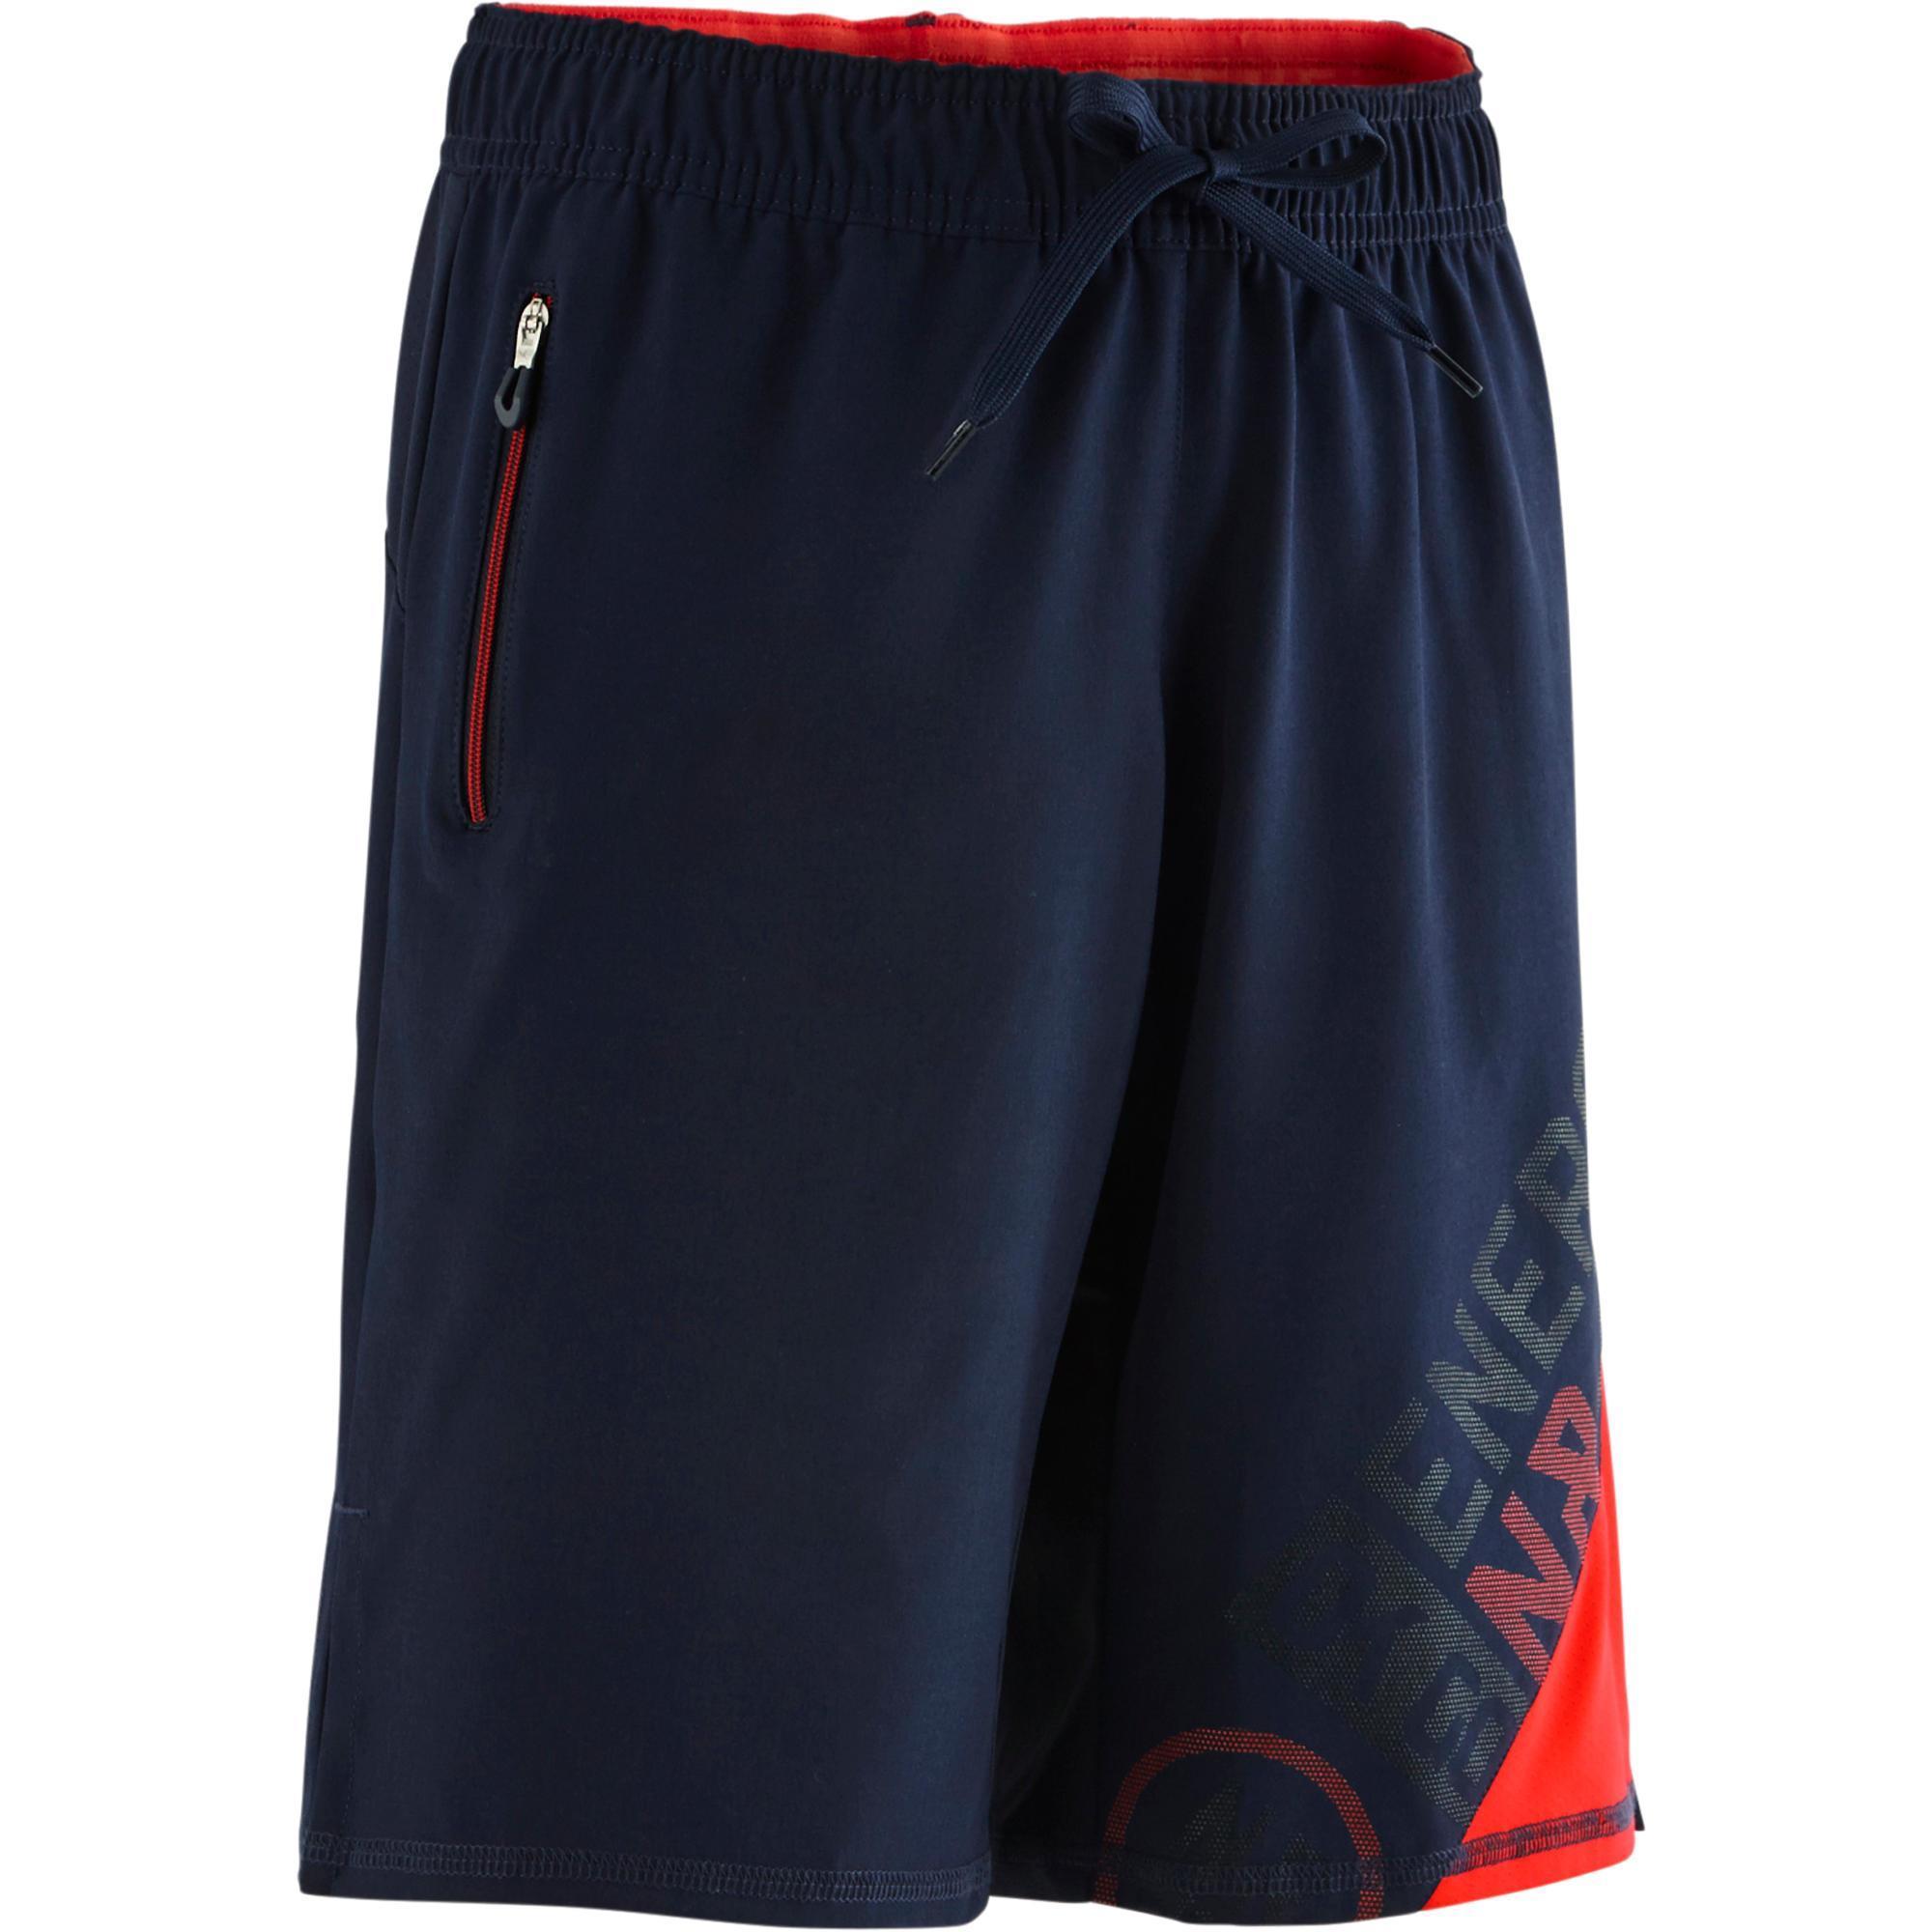 Domyos Gymshort W900 voor jongens marineblauw rood print